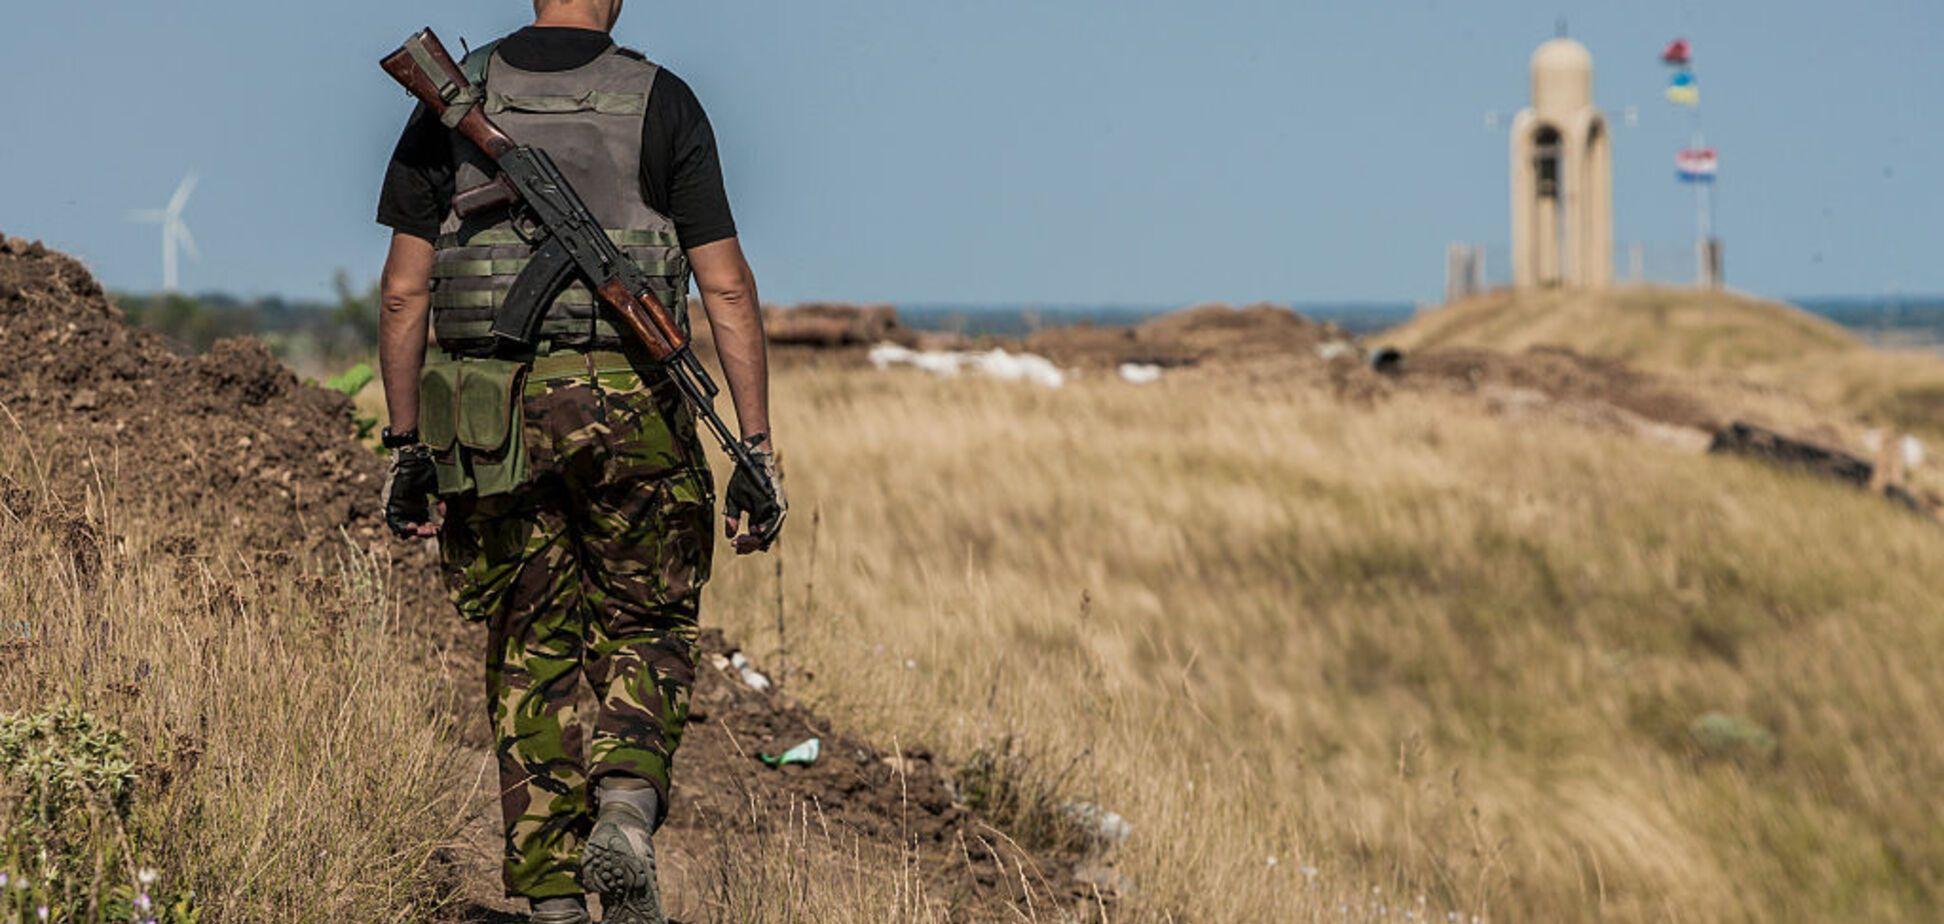 Ранен украинский военный: ситуация в зоне АТО обострилась